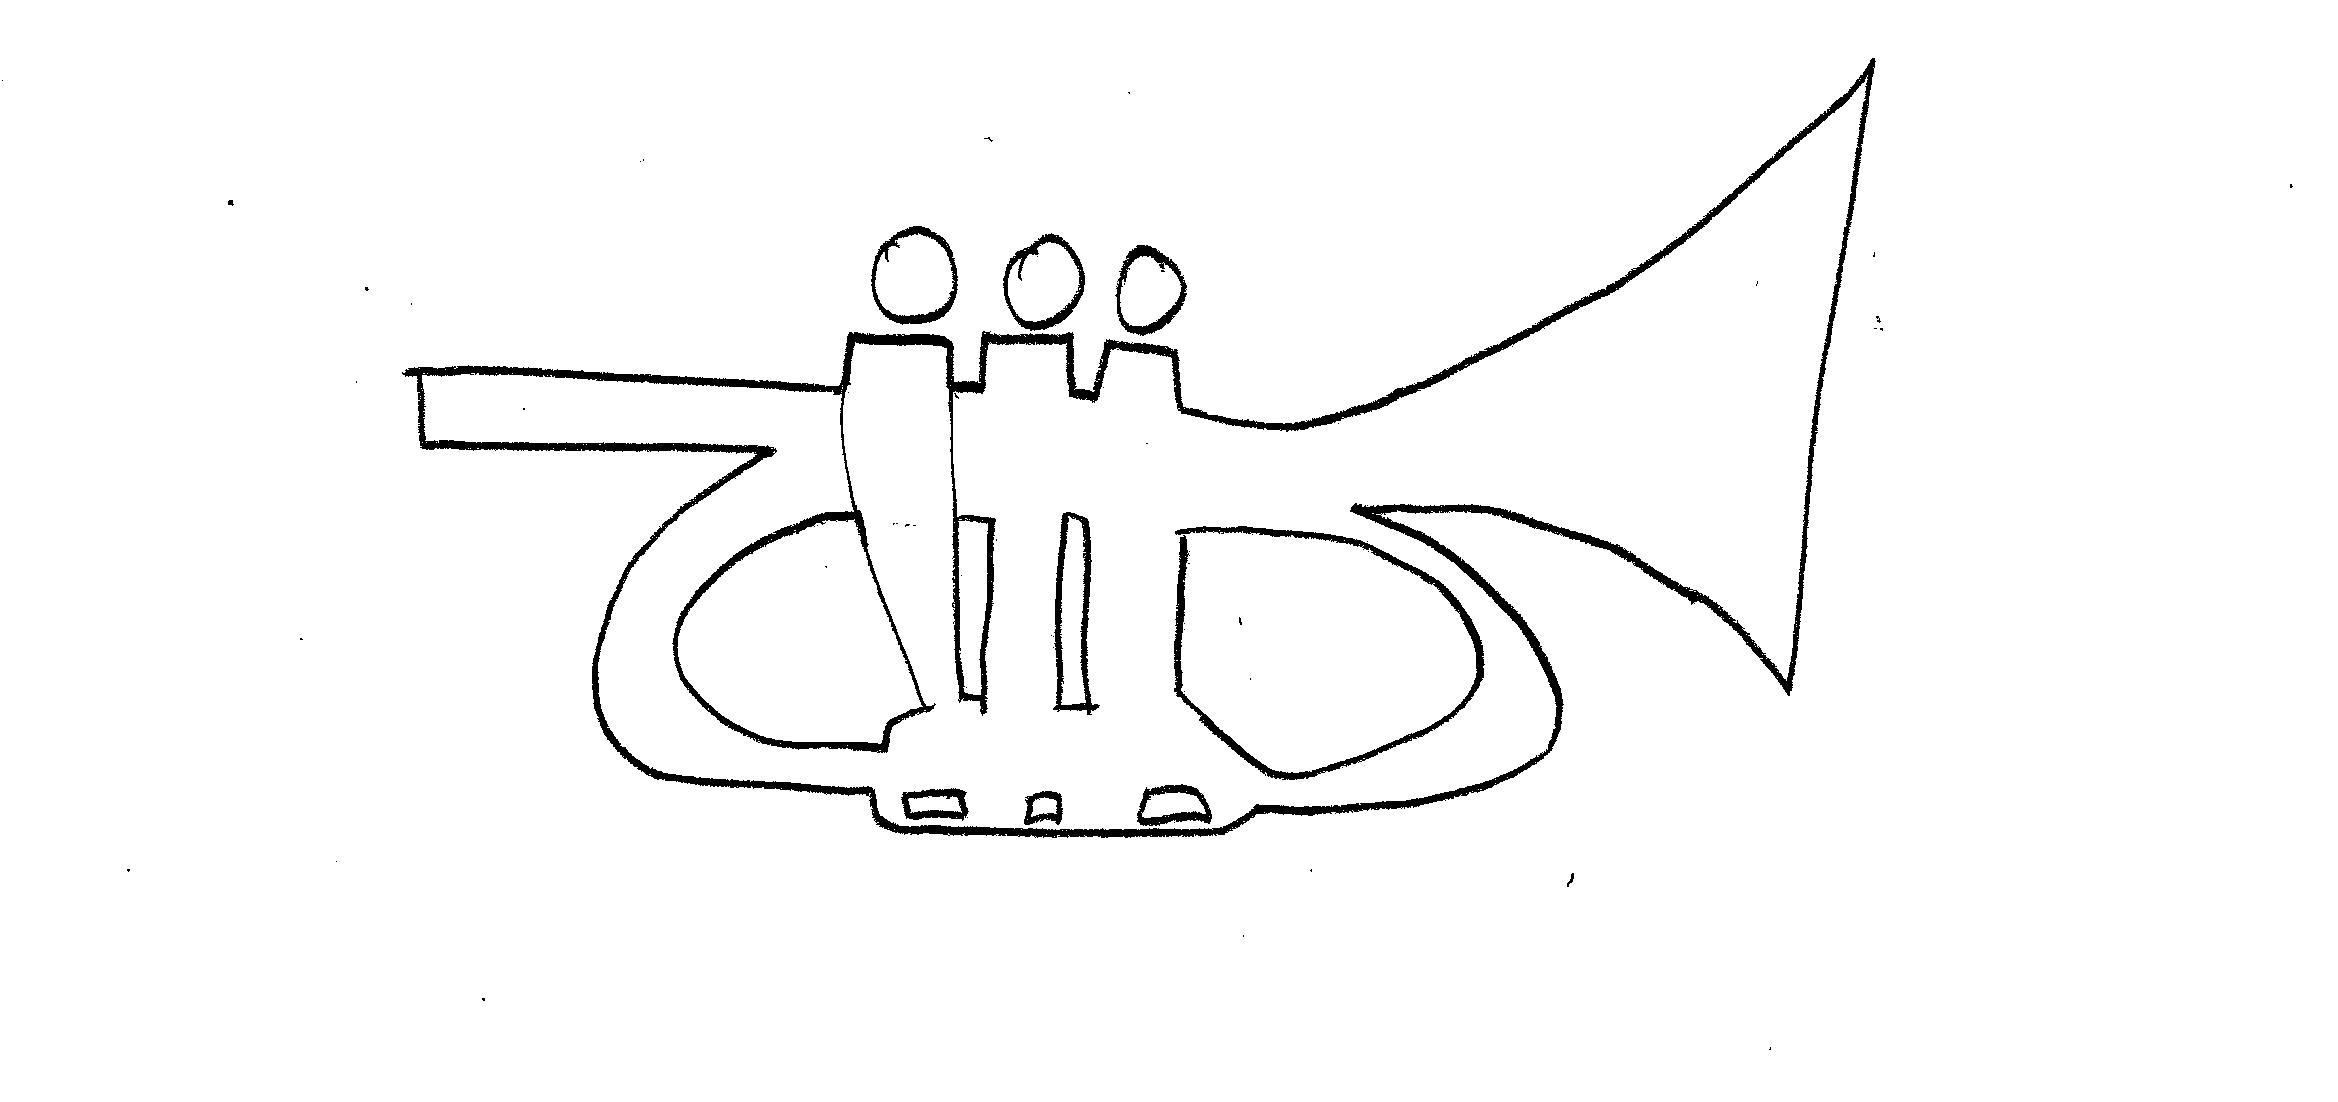 Trombetta 784 1221 210 Solenoid Wiring Diagram. . Wiring